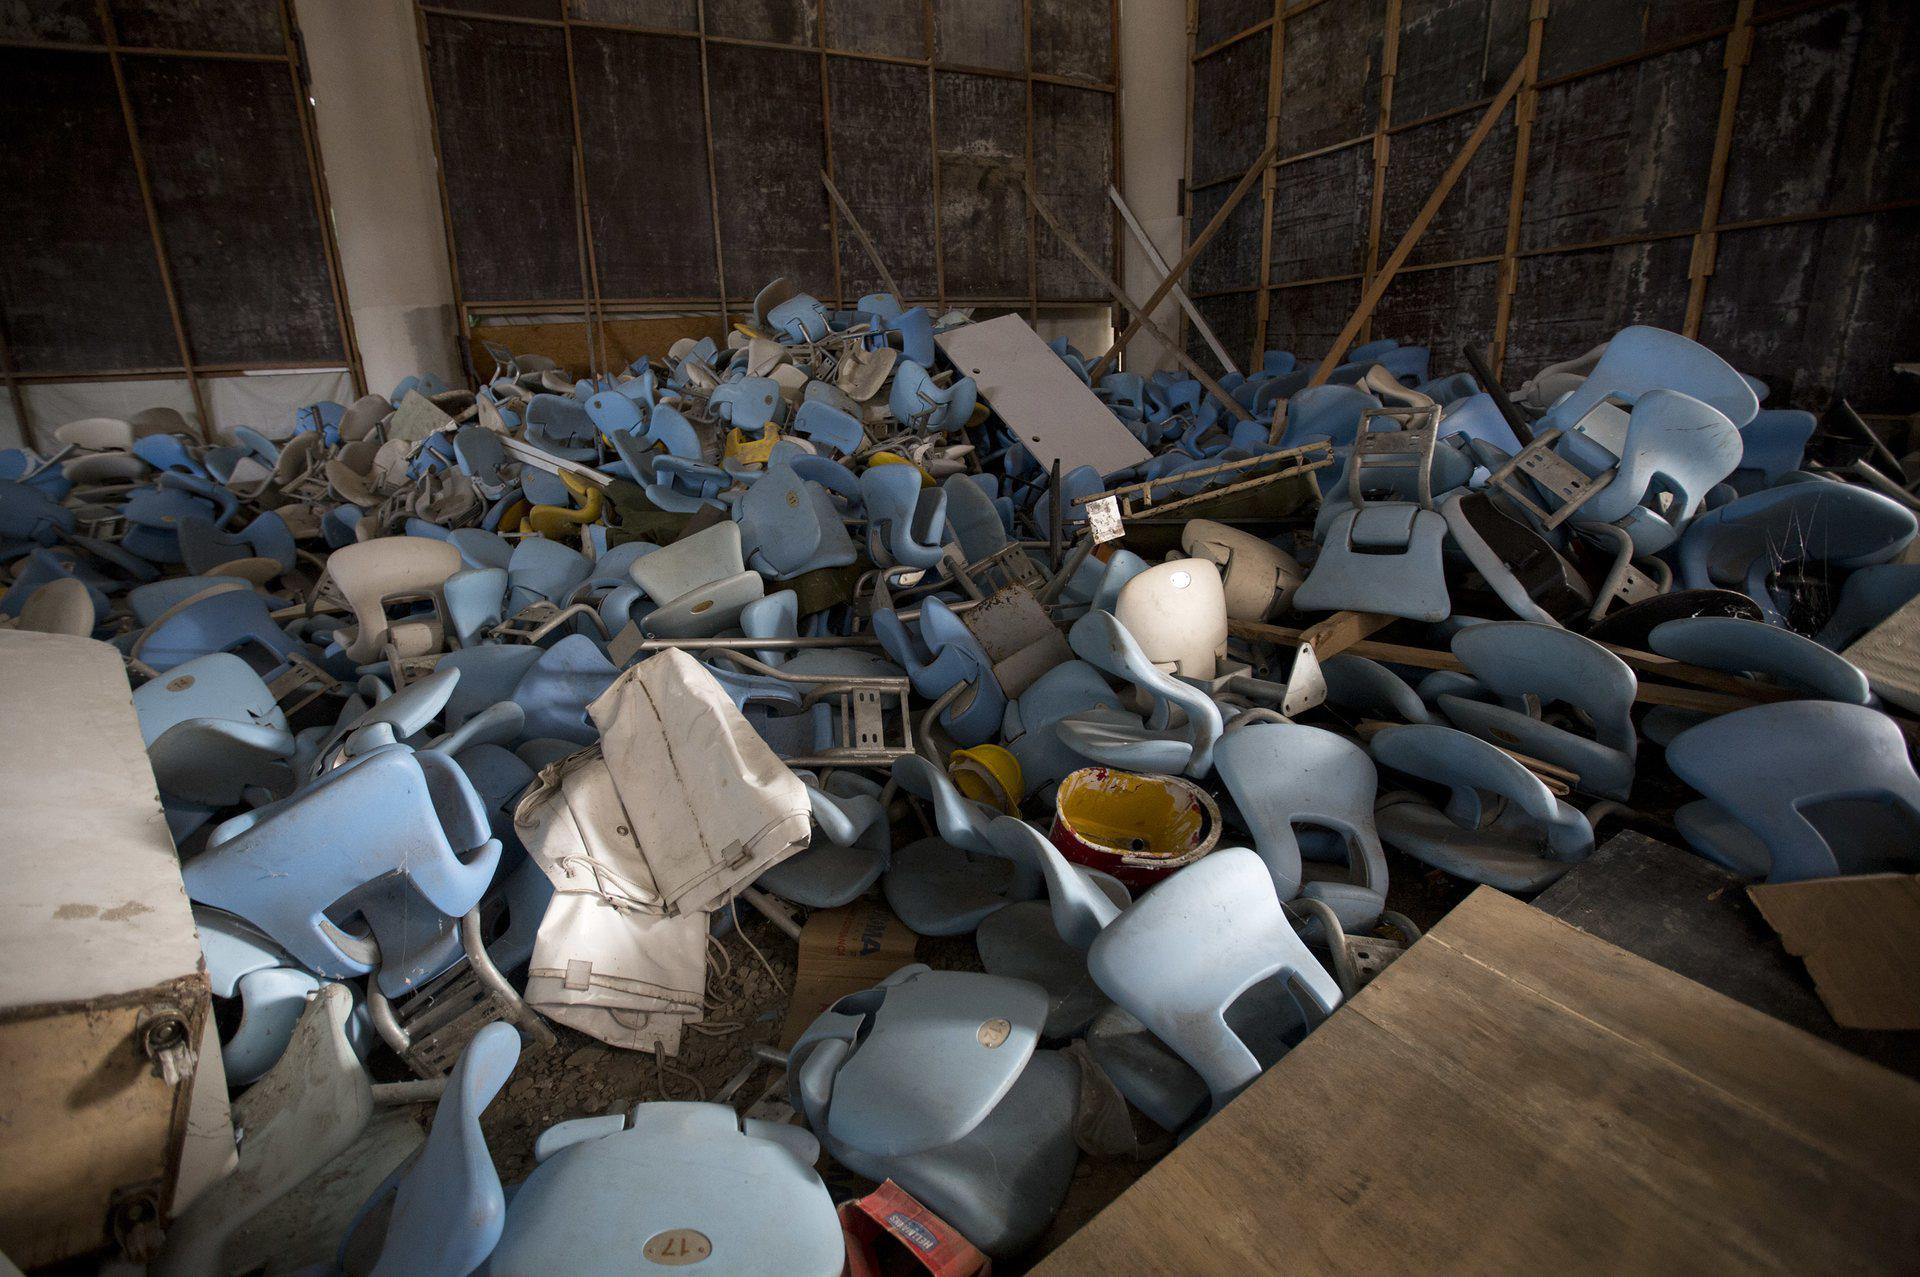 El estadio Maracaná fue atacado por intrusos que arrancaron las butacas(AP)